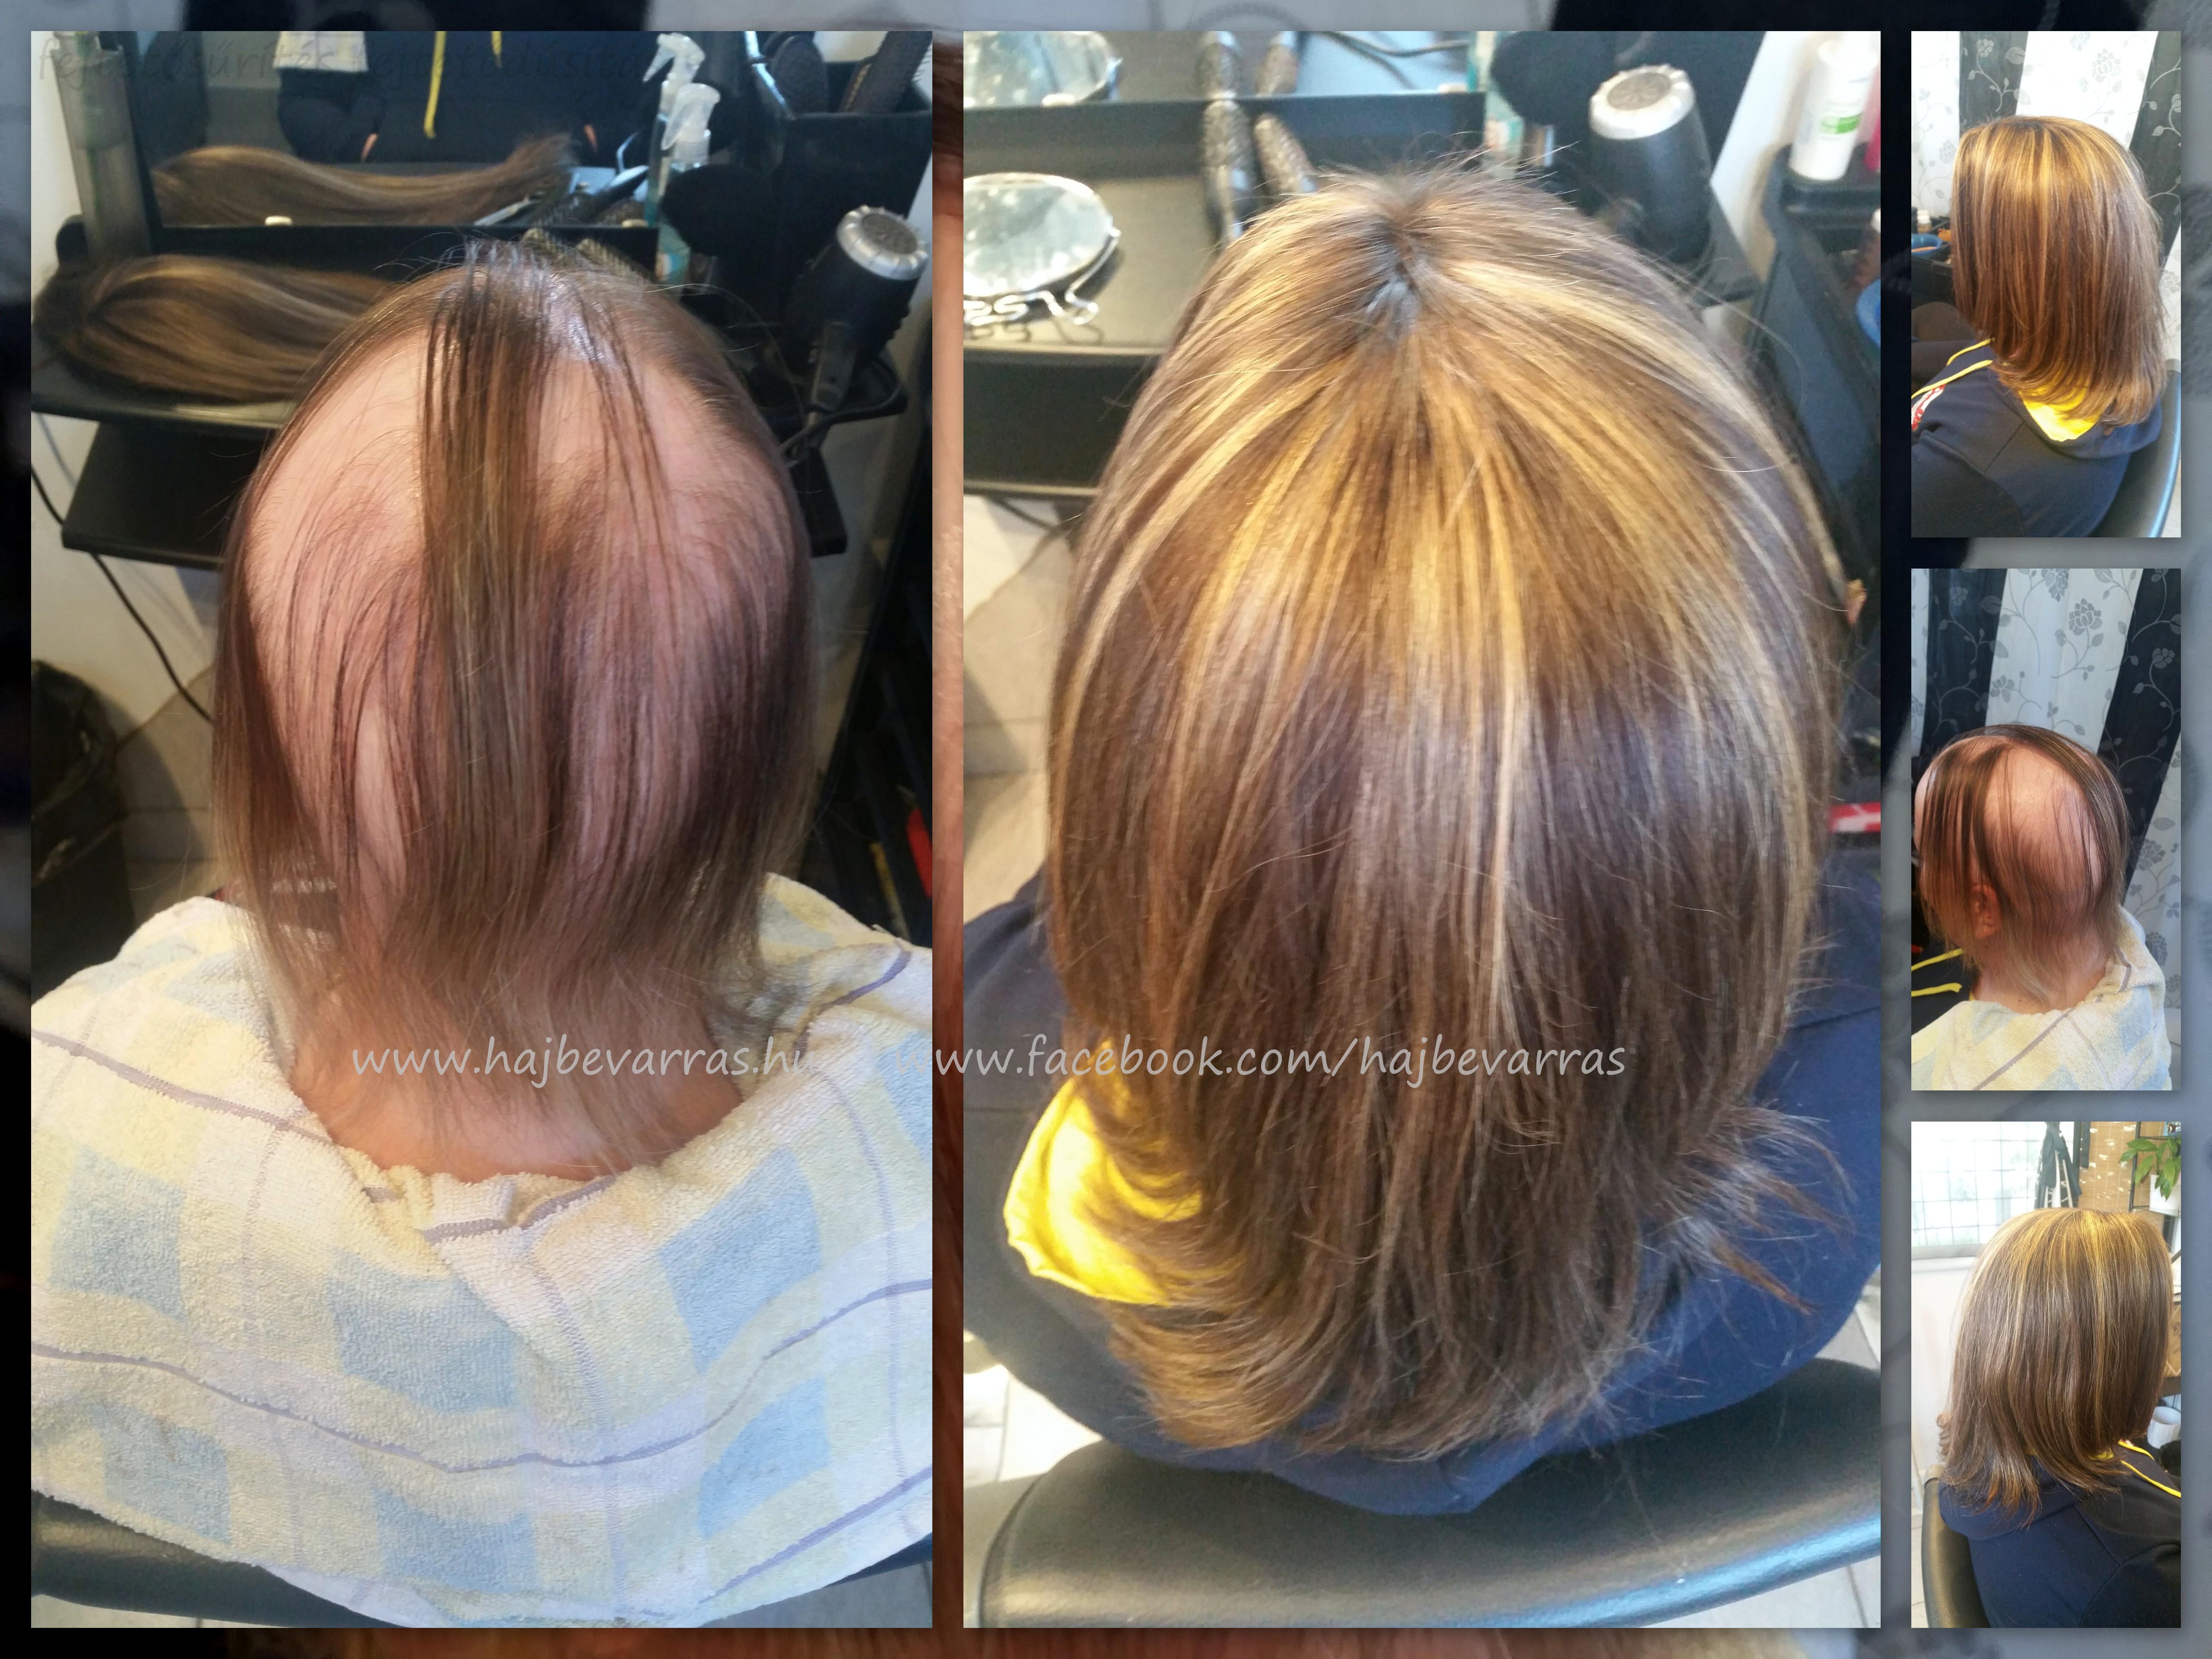 www.hajbevarras.hu   fejtetősűrítés fejtetődúsítás hajhosszabbítás